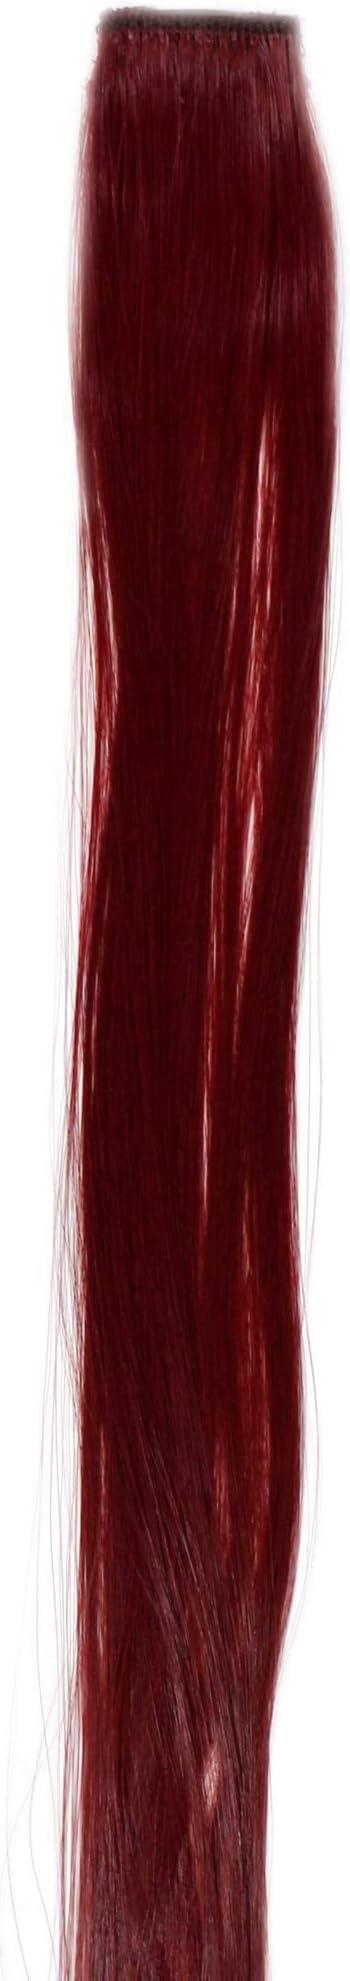 WIG ME UP- YZF-P1S18-T2315 Extensión de pelo con 1 clip mechón liso rojo oscuro 45 cm/ 18 inch